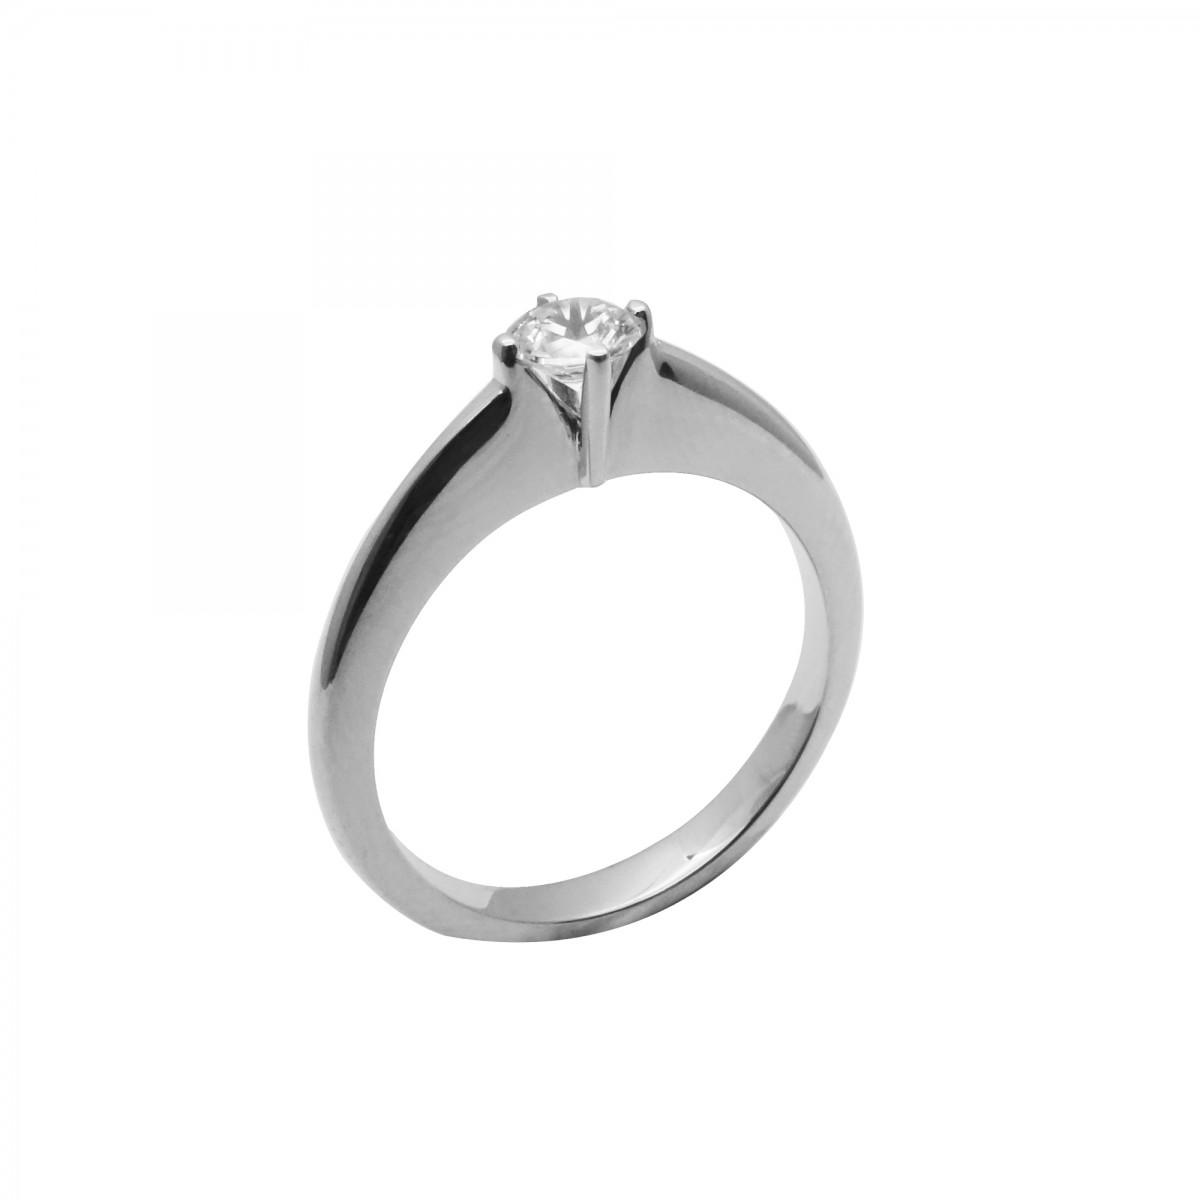 Μονόπετρο δαχτυλίδι λευκόχρυσο 18 καράτια με διαμάντι - 1.168€ 9f5d4da741e